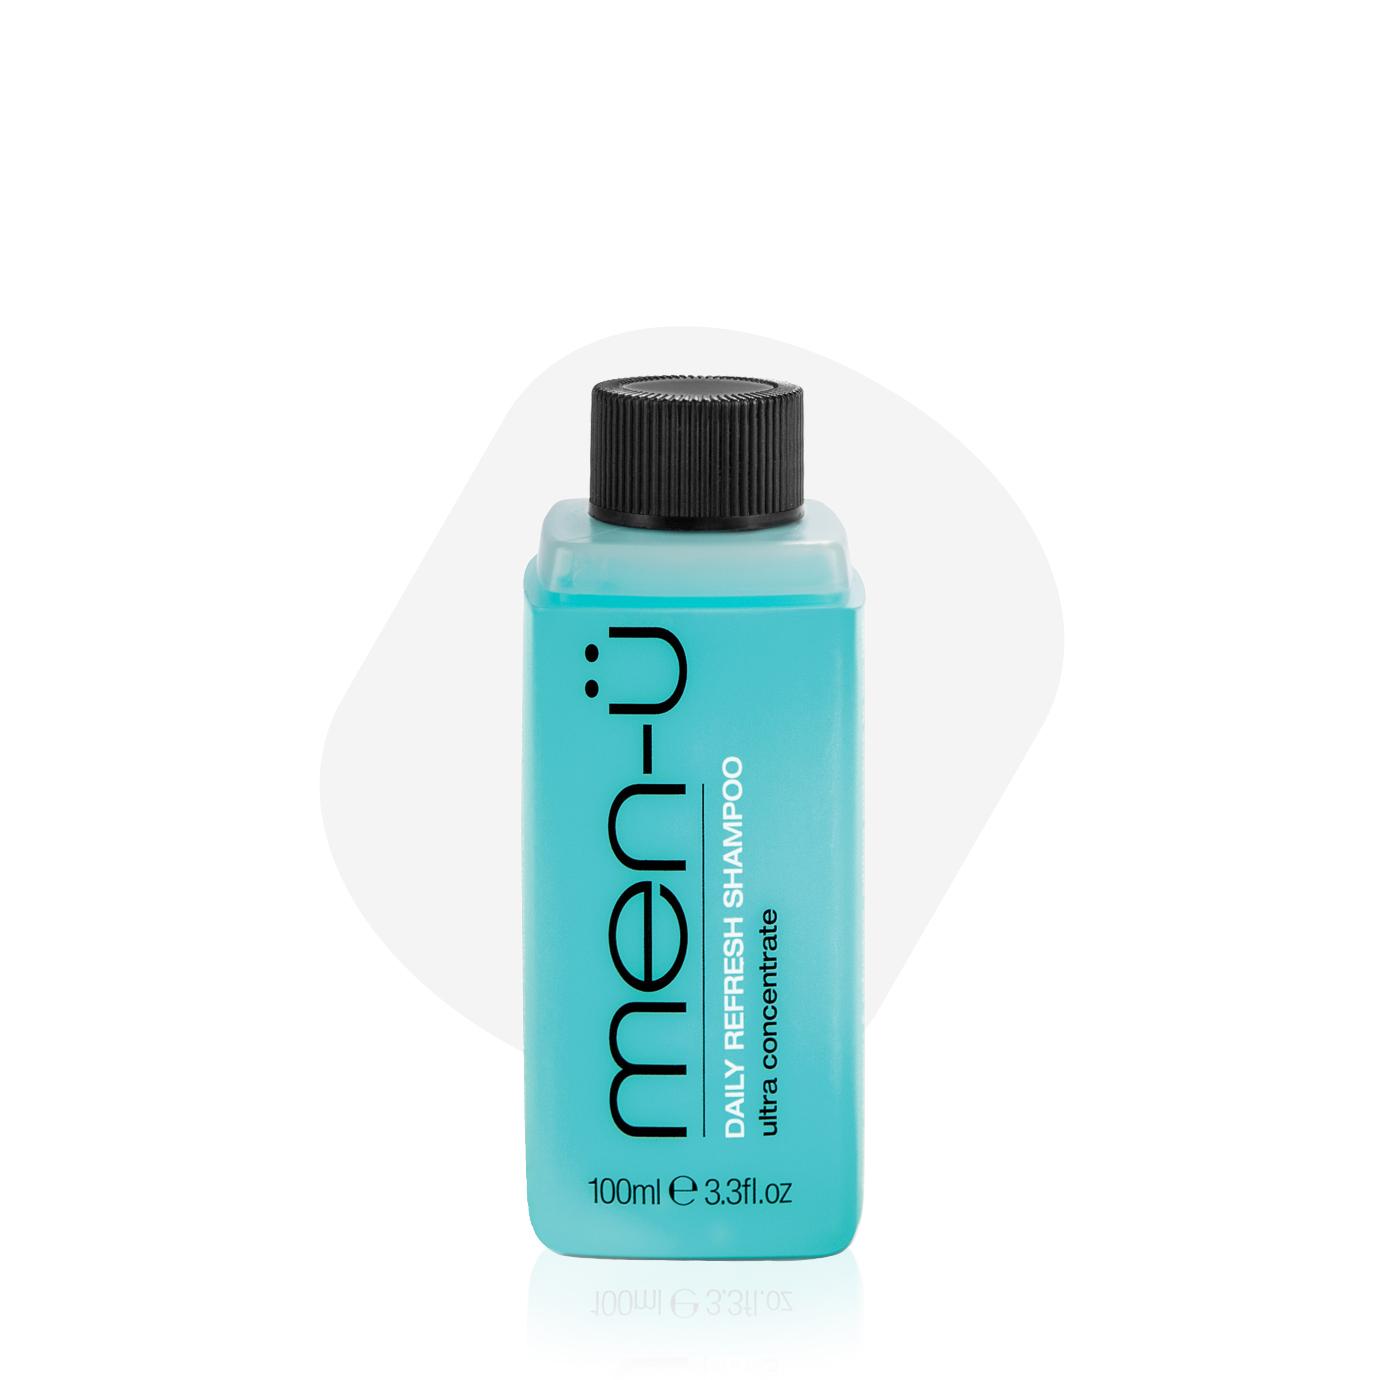 men-u - męski codzienny szampon nawilżający do włosów 100ml produkt Men`s Health (uzupełnienie)